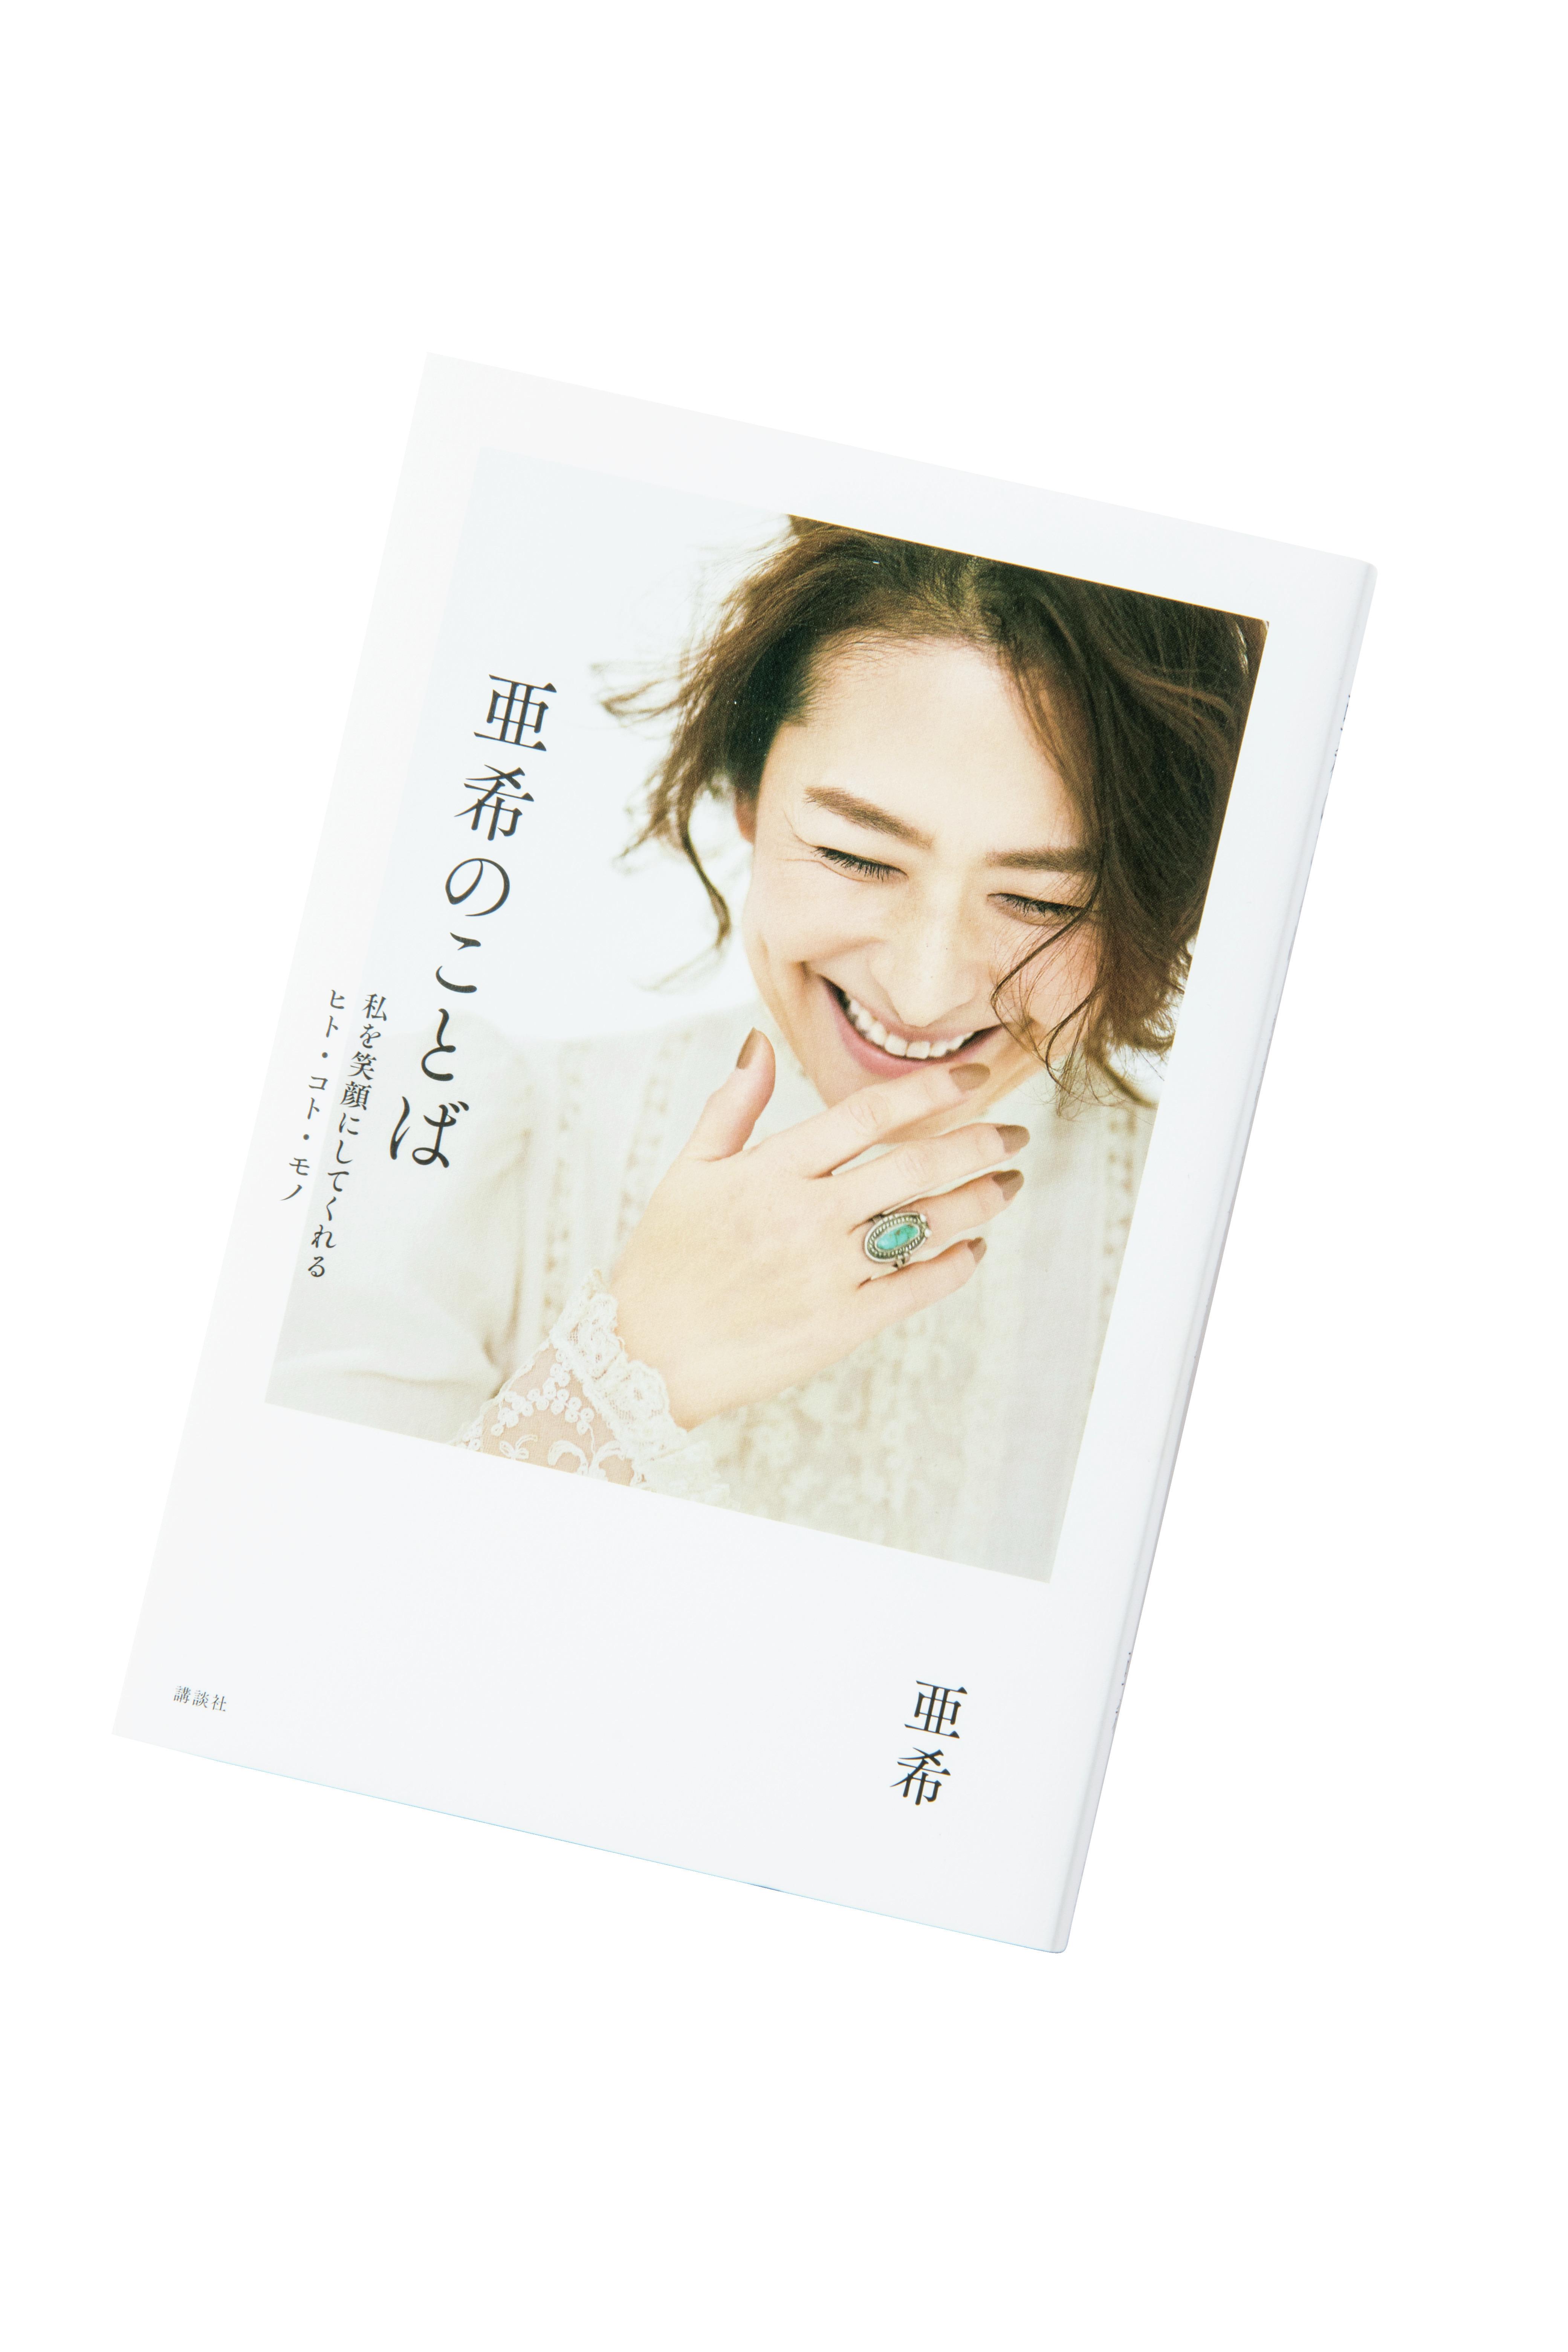 亜希さん、初のエッセイ『亜希のことば   私を笑顔にしてくれるヒト・コト・モノ』刊行!WEB限定インタビュー【前半】_1_2